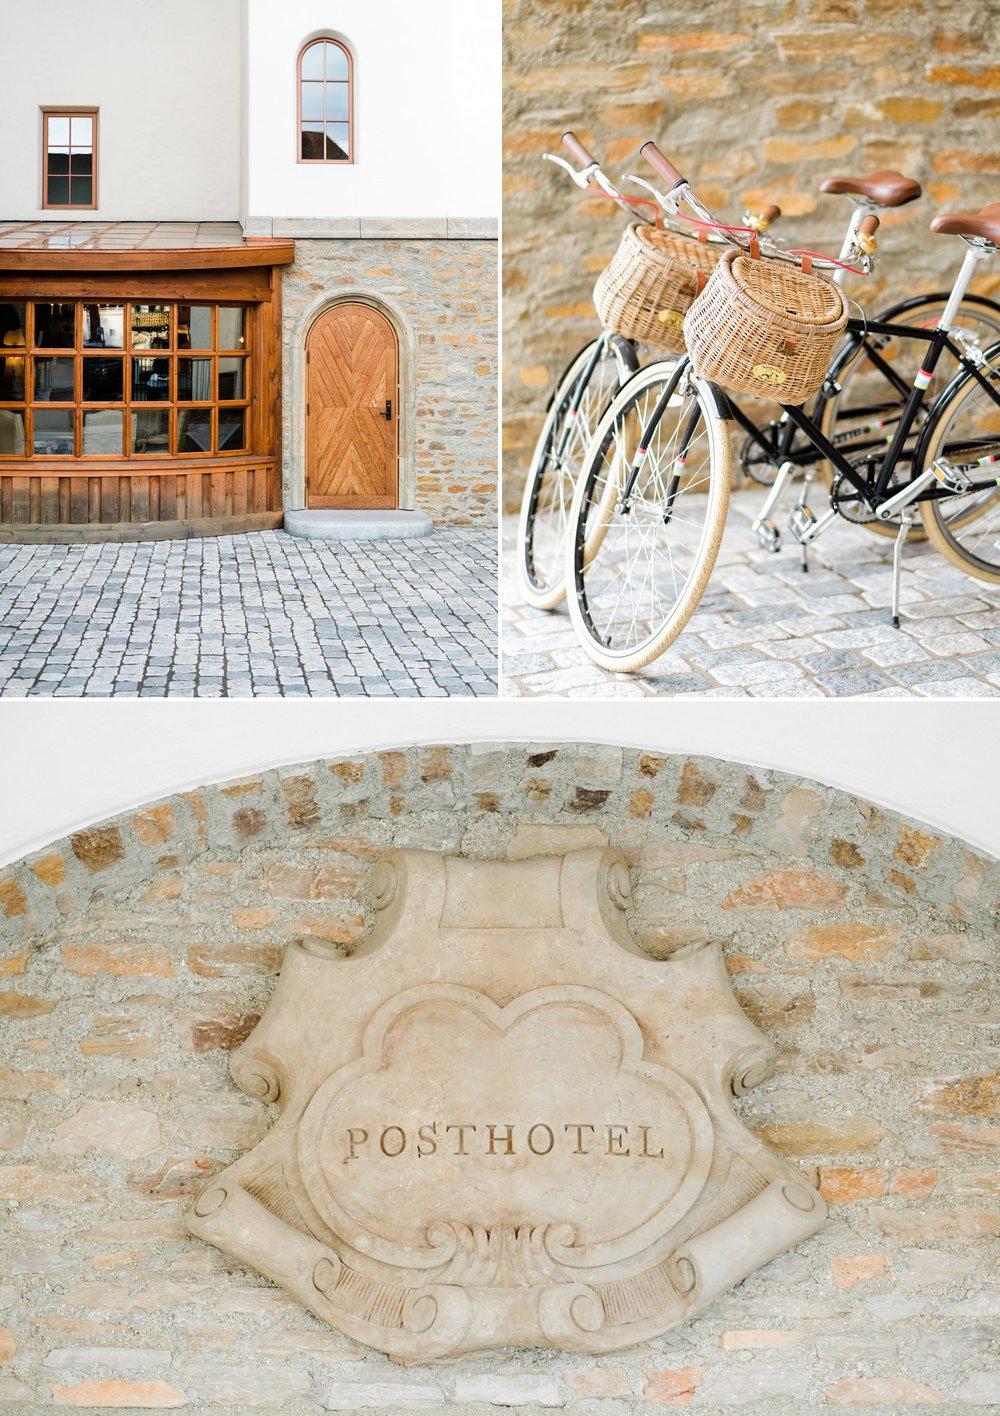 posthotel-leavenworth-honeymoon-cameron-zegers-photography-1.jpg